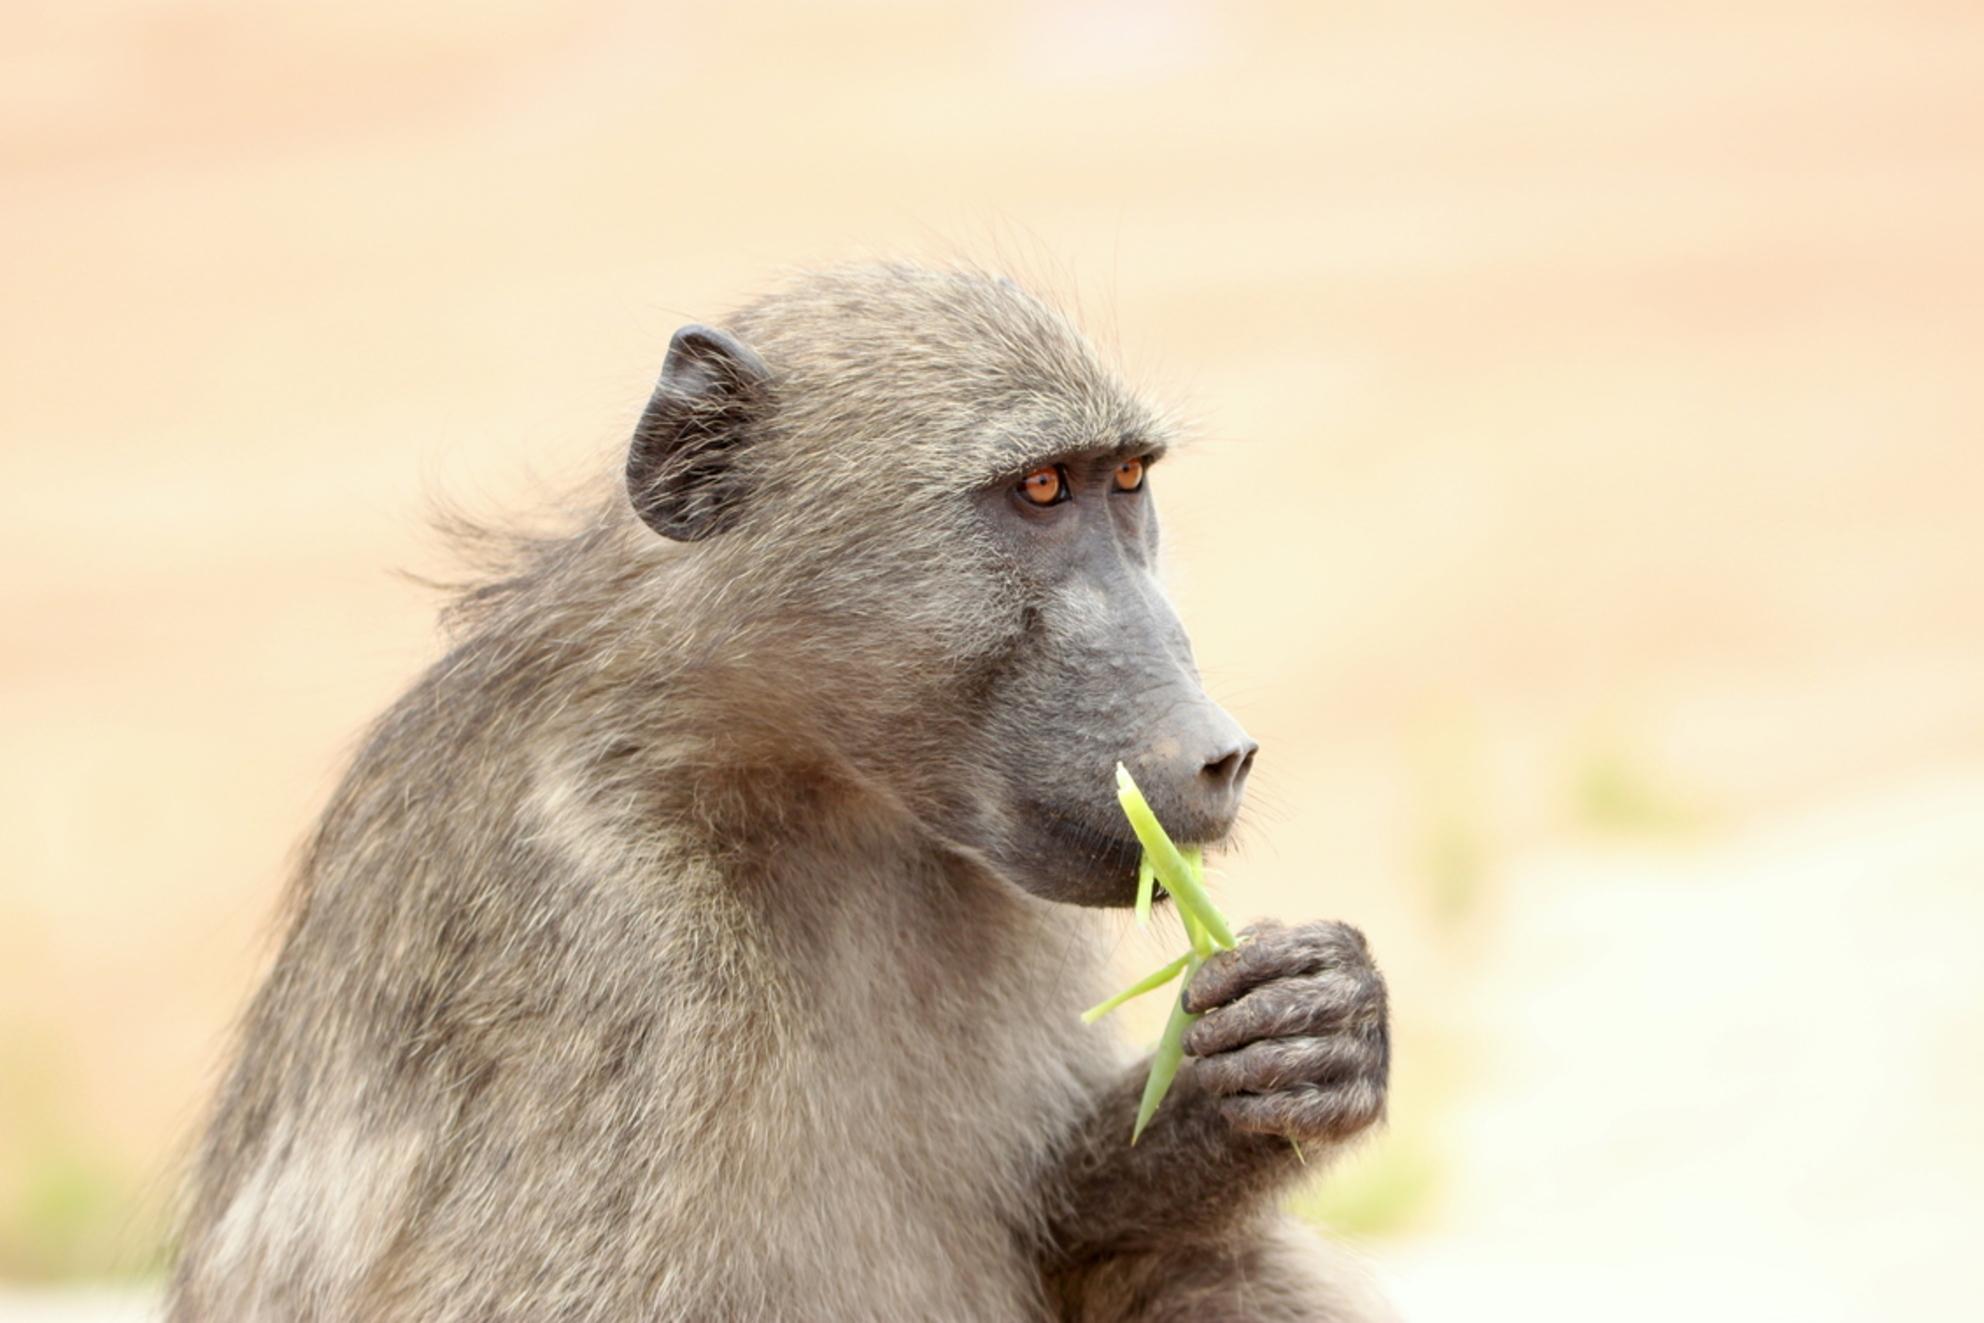 Baboon Zuid-Afrika - Baboon Zuid-Afrika - foto door Enschede op 13-02-2016 - deze foto bevat: safari, afrika, wildlife - Deze foto mag gebruikt worden in een Zoom.nl publicatie